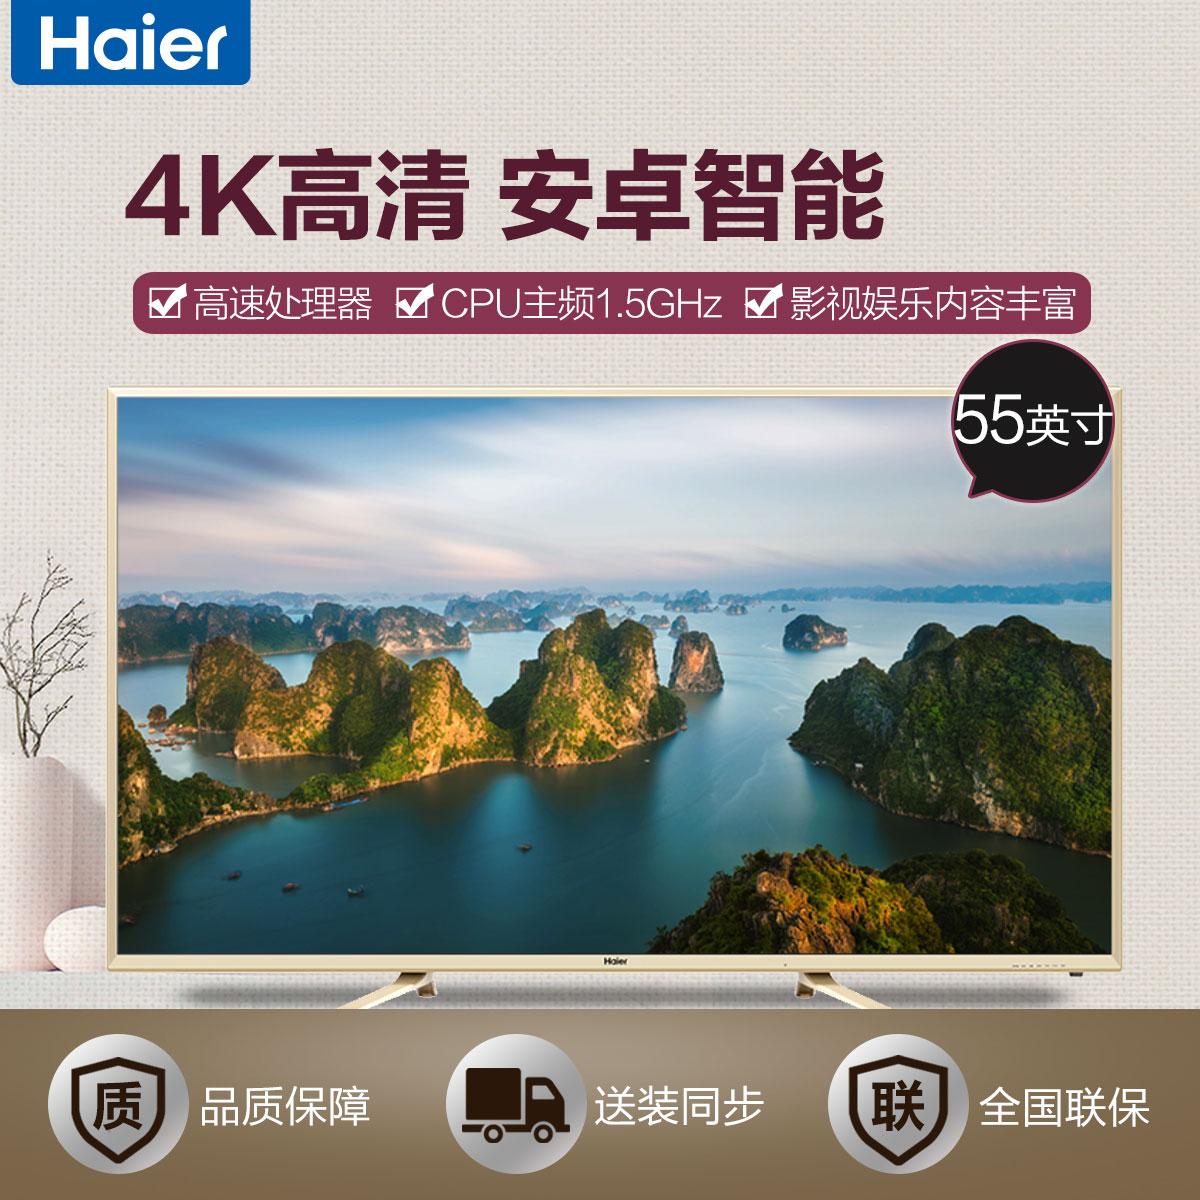 55英寸4K高清安卓梦之城客户端下载电视,人工梦之城客户端下载,为你打造艺术品级家庭影院。 LS55A51